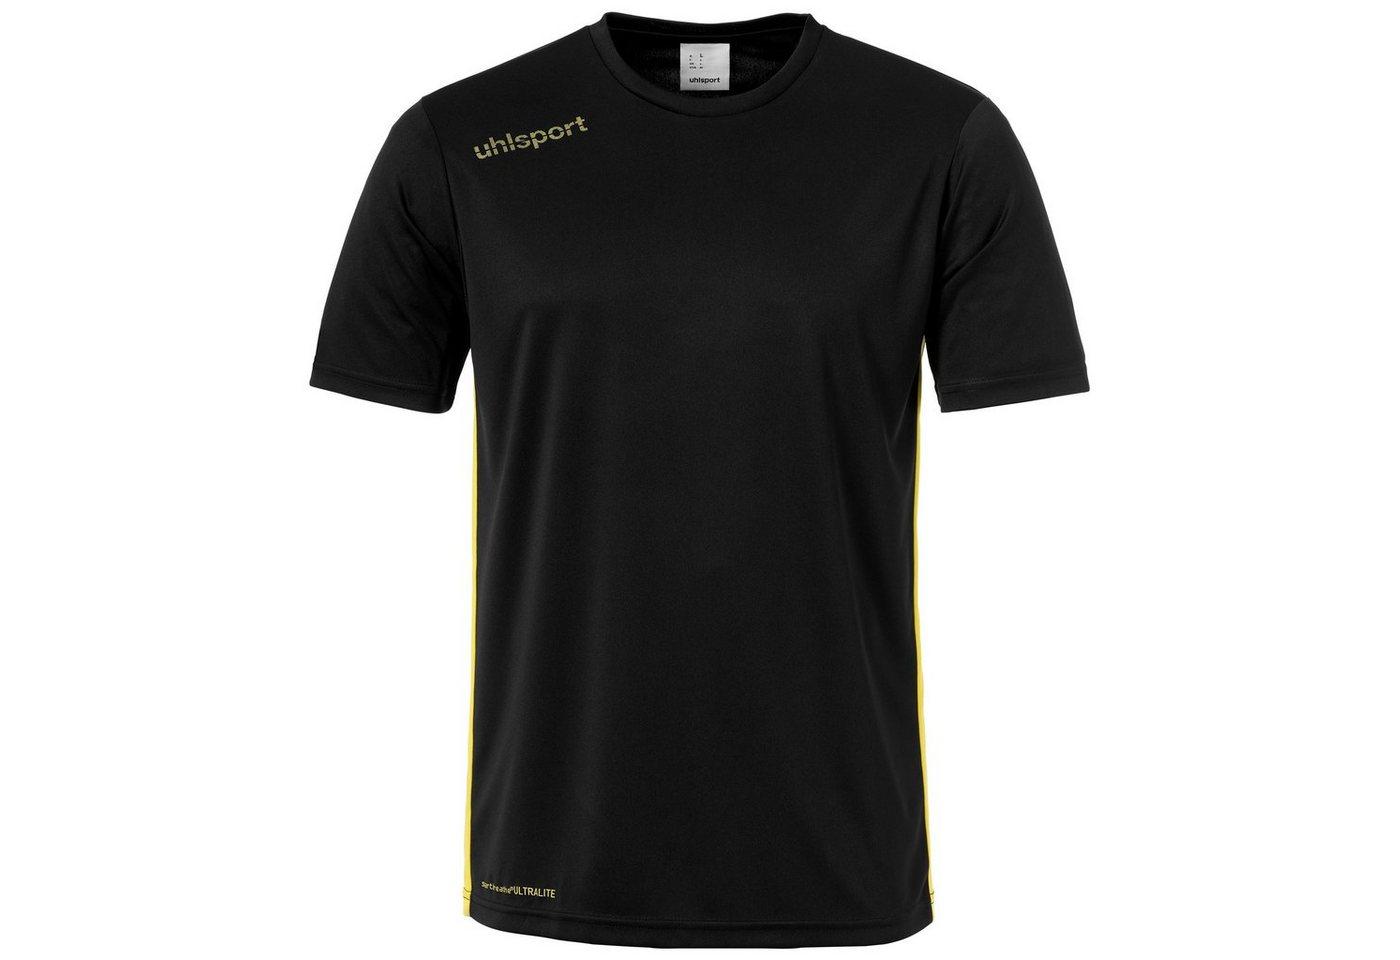 Uhlsport Essential Trikot Herren | Sportbekleidung > Trikots > Sonstige Trikots | Schwarz | Trikot - Polyester | Uhlsport